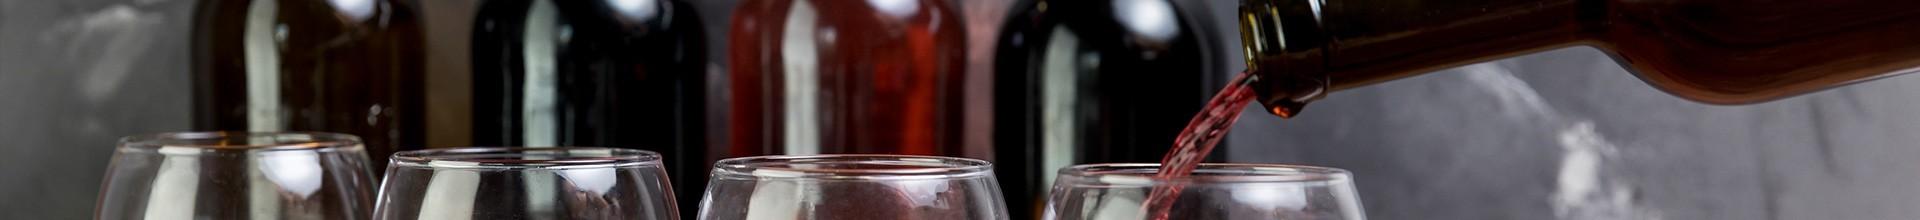 Jus de fruits bio, vin producteur Toulouse, bière locale, cidre producteur